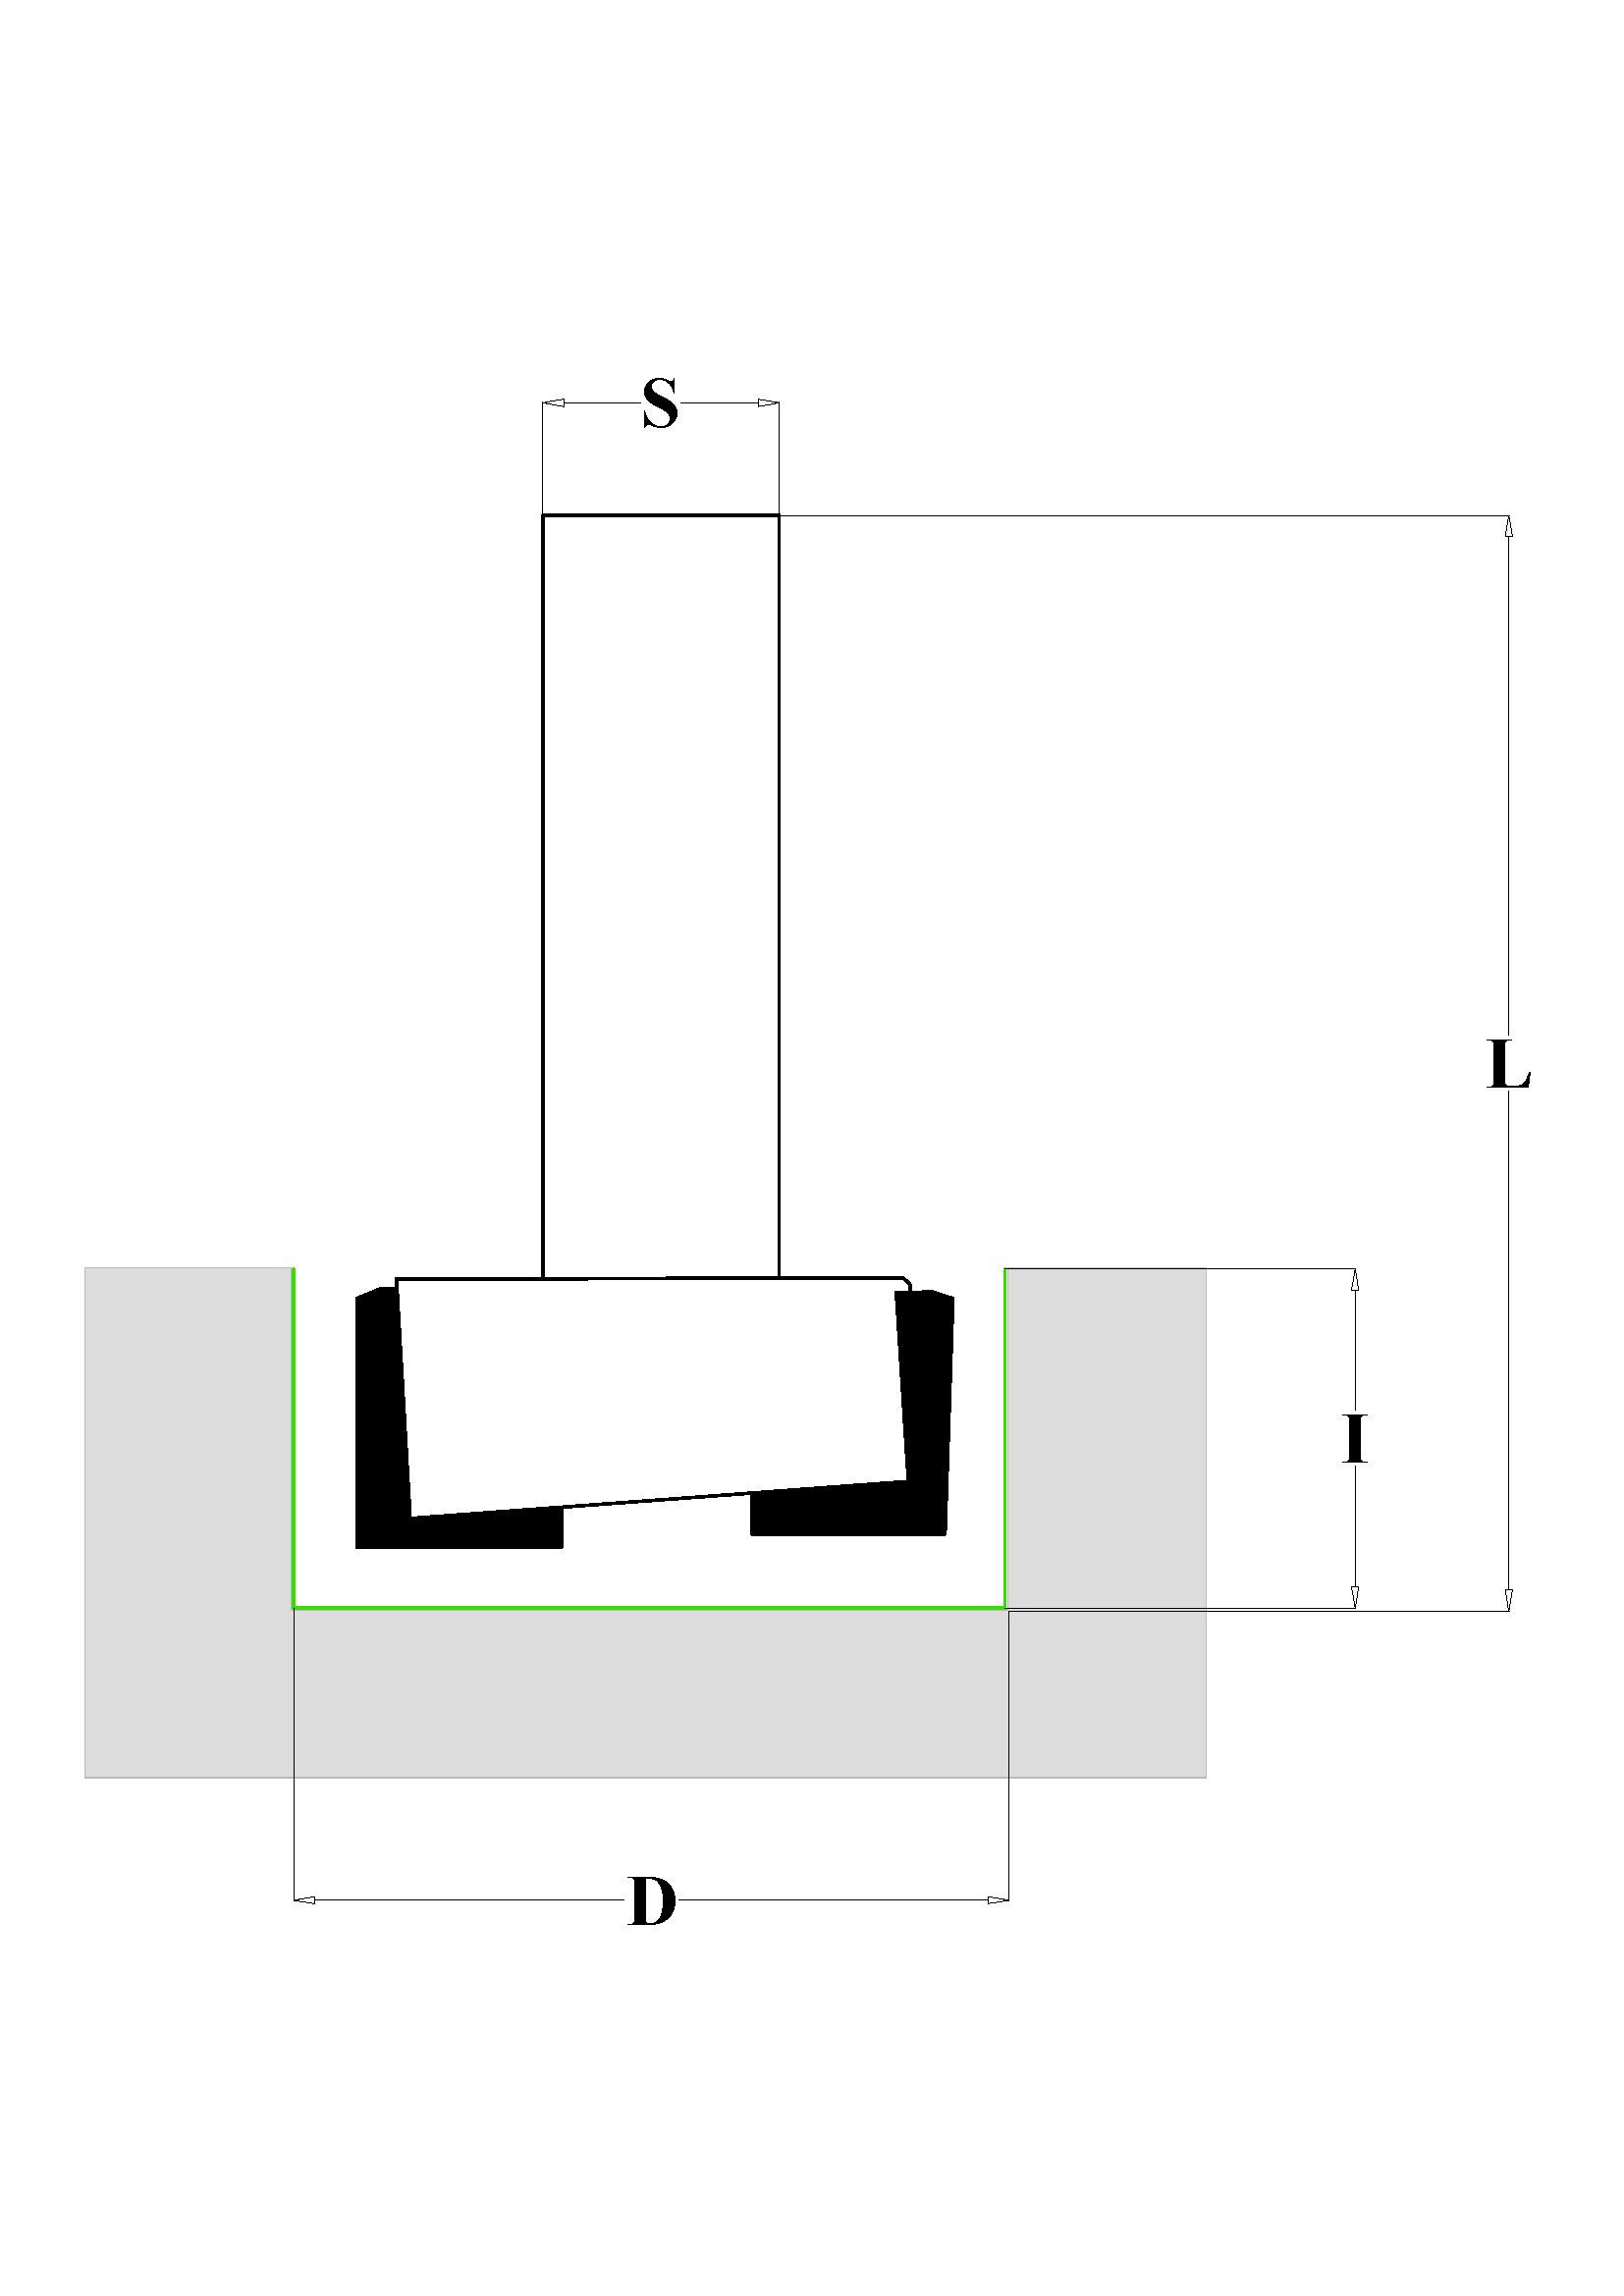 Fraiser FR.104 - Fresa per mortasare HW - disegno tecnico